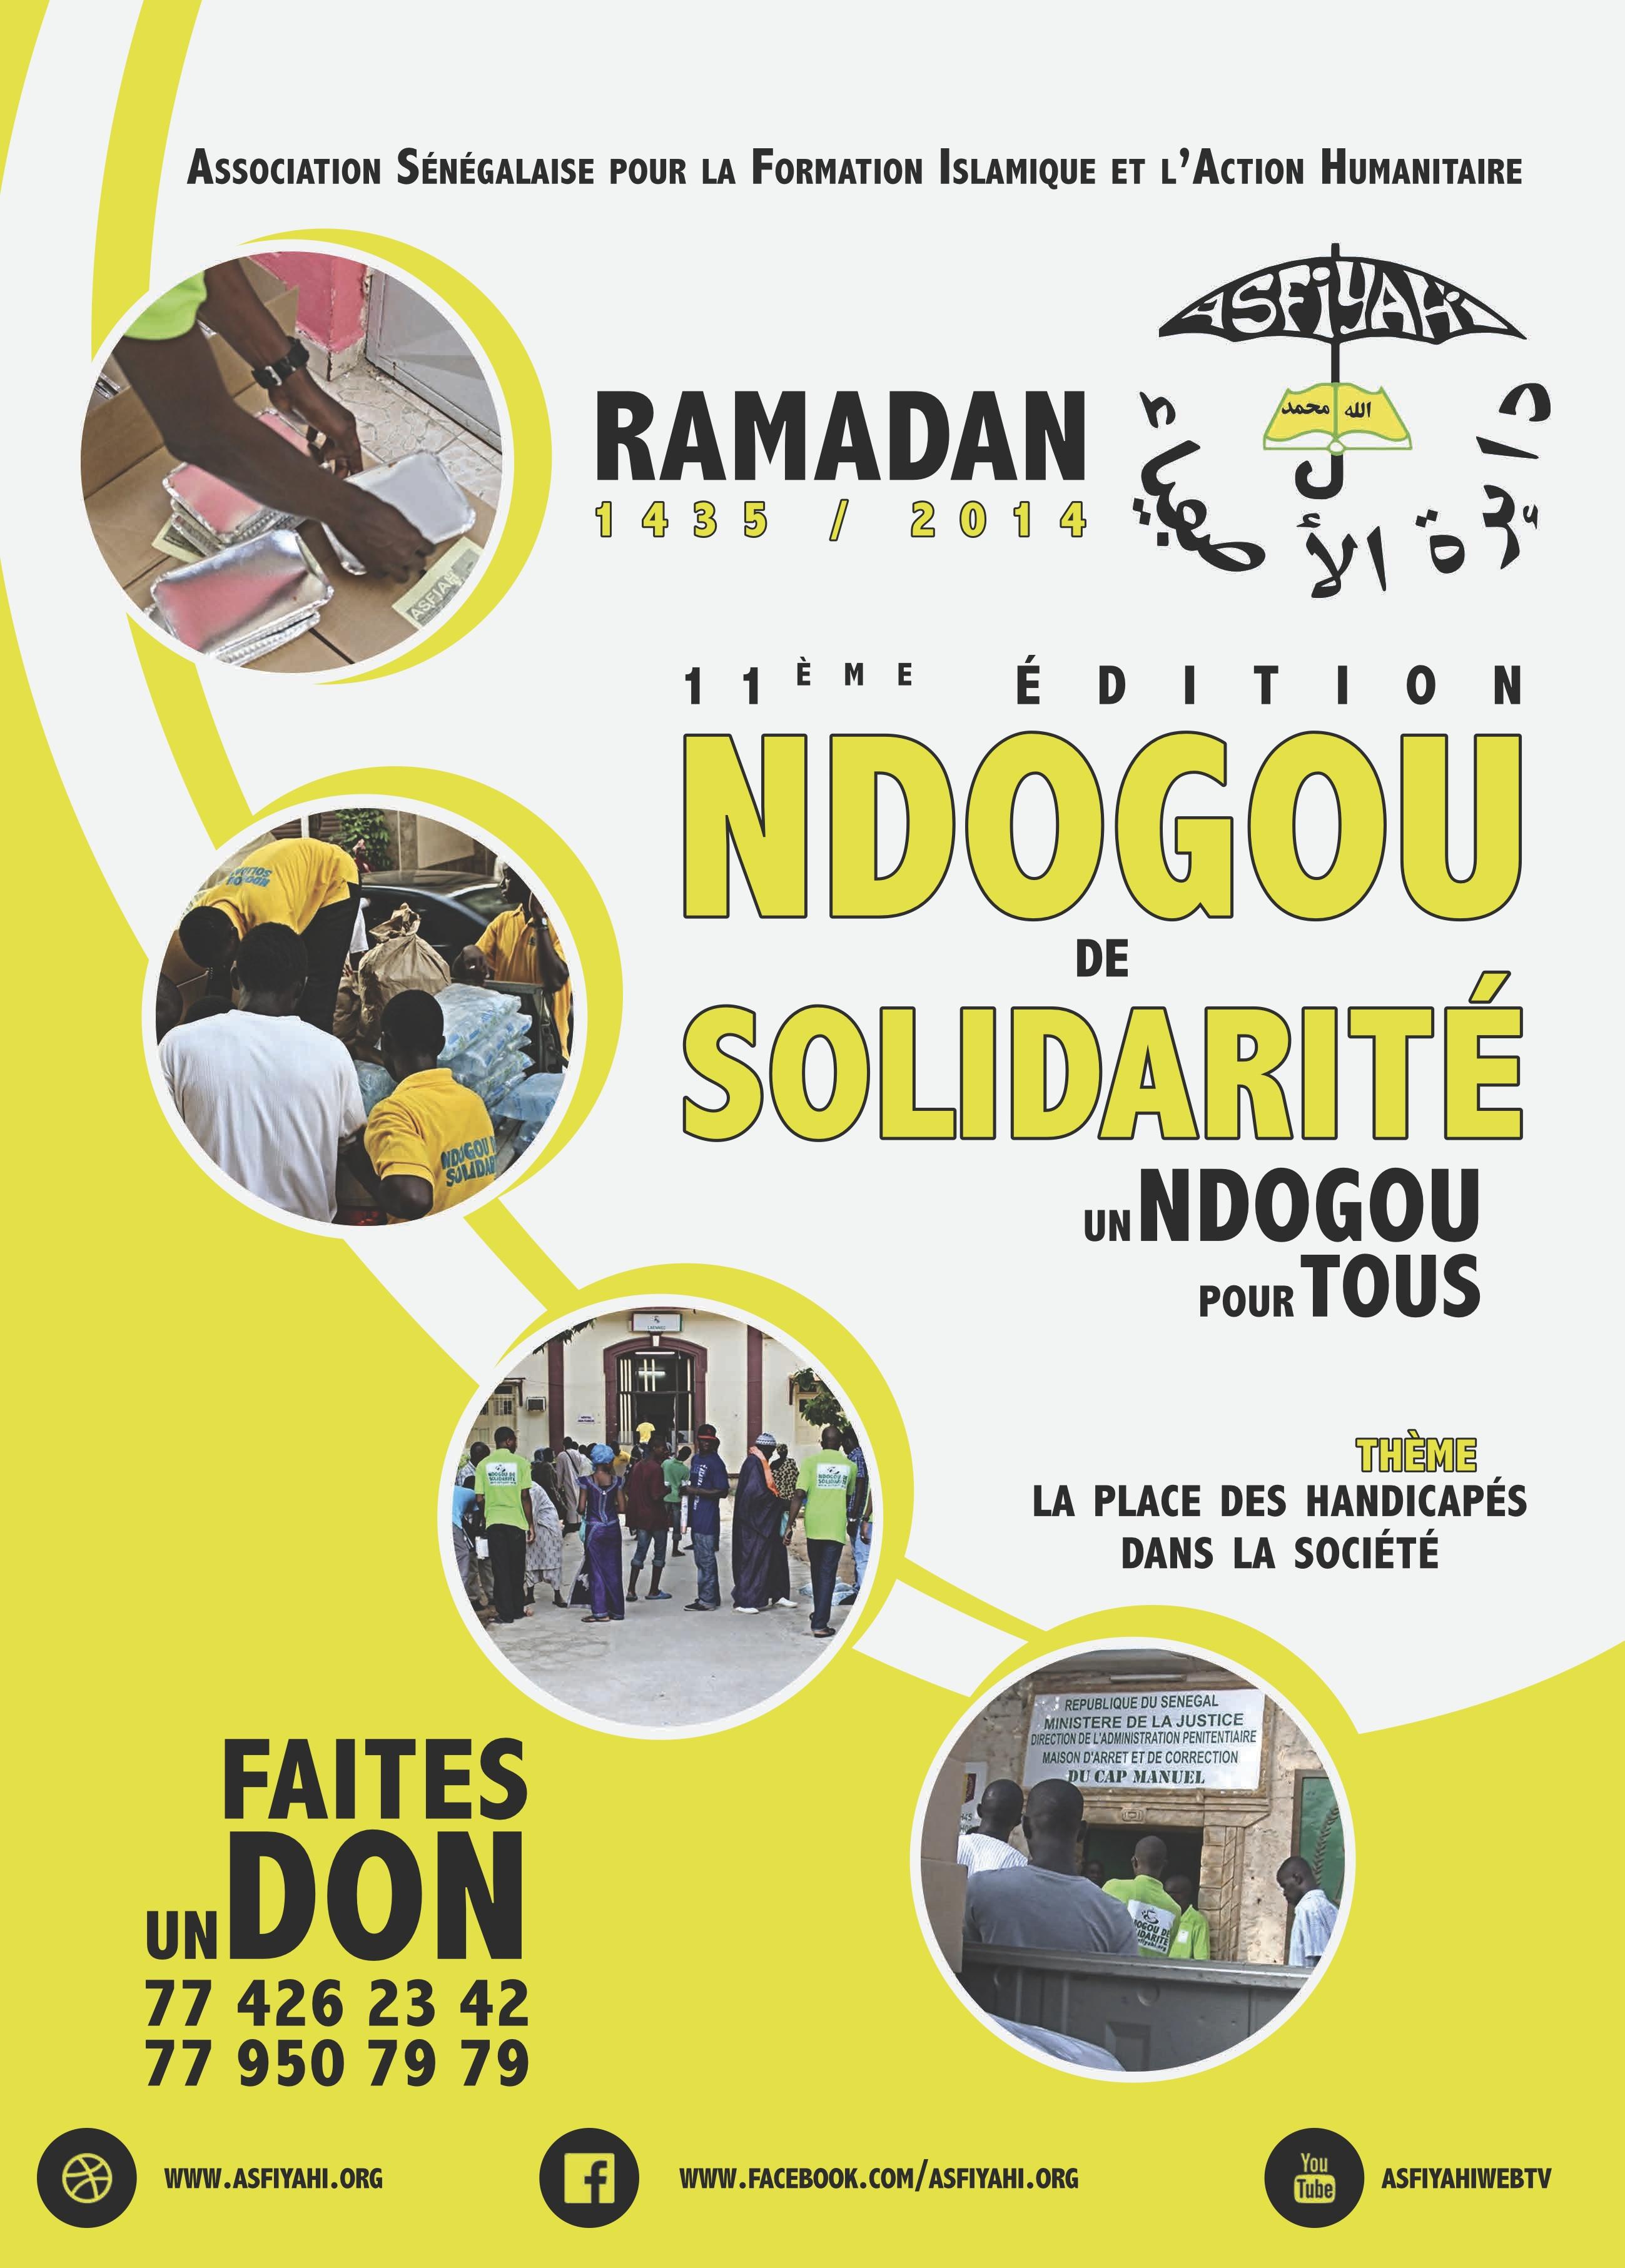 11EME EDITION DES NDOGOU DE SOLIDARITE DU DAHIRA ASFIYAHI - Thème de l'année : La place des Handicapés dans la Société